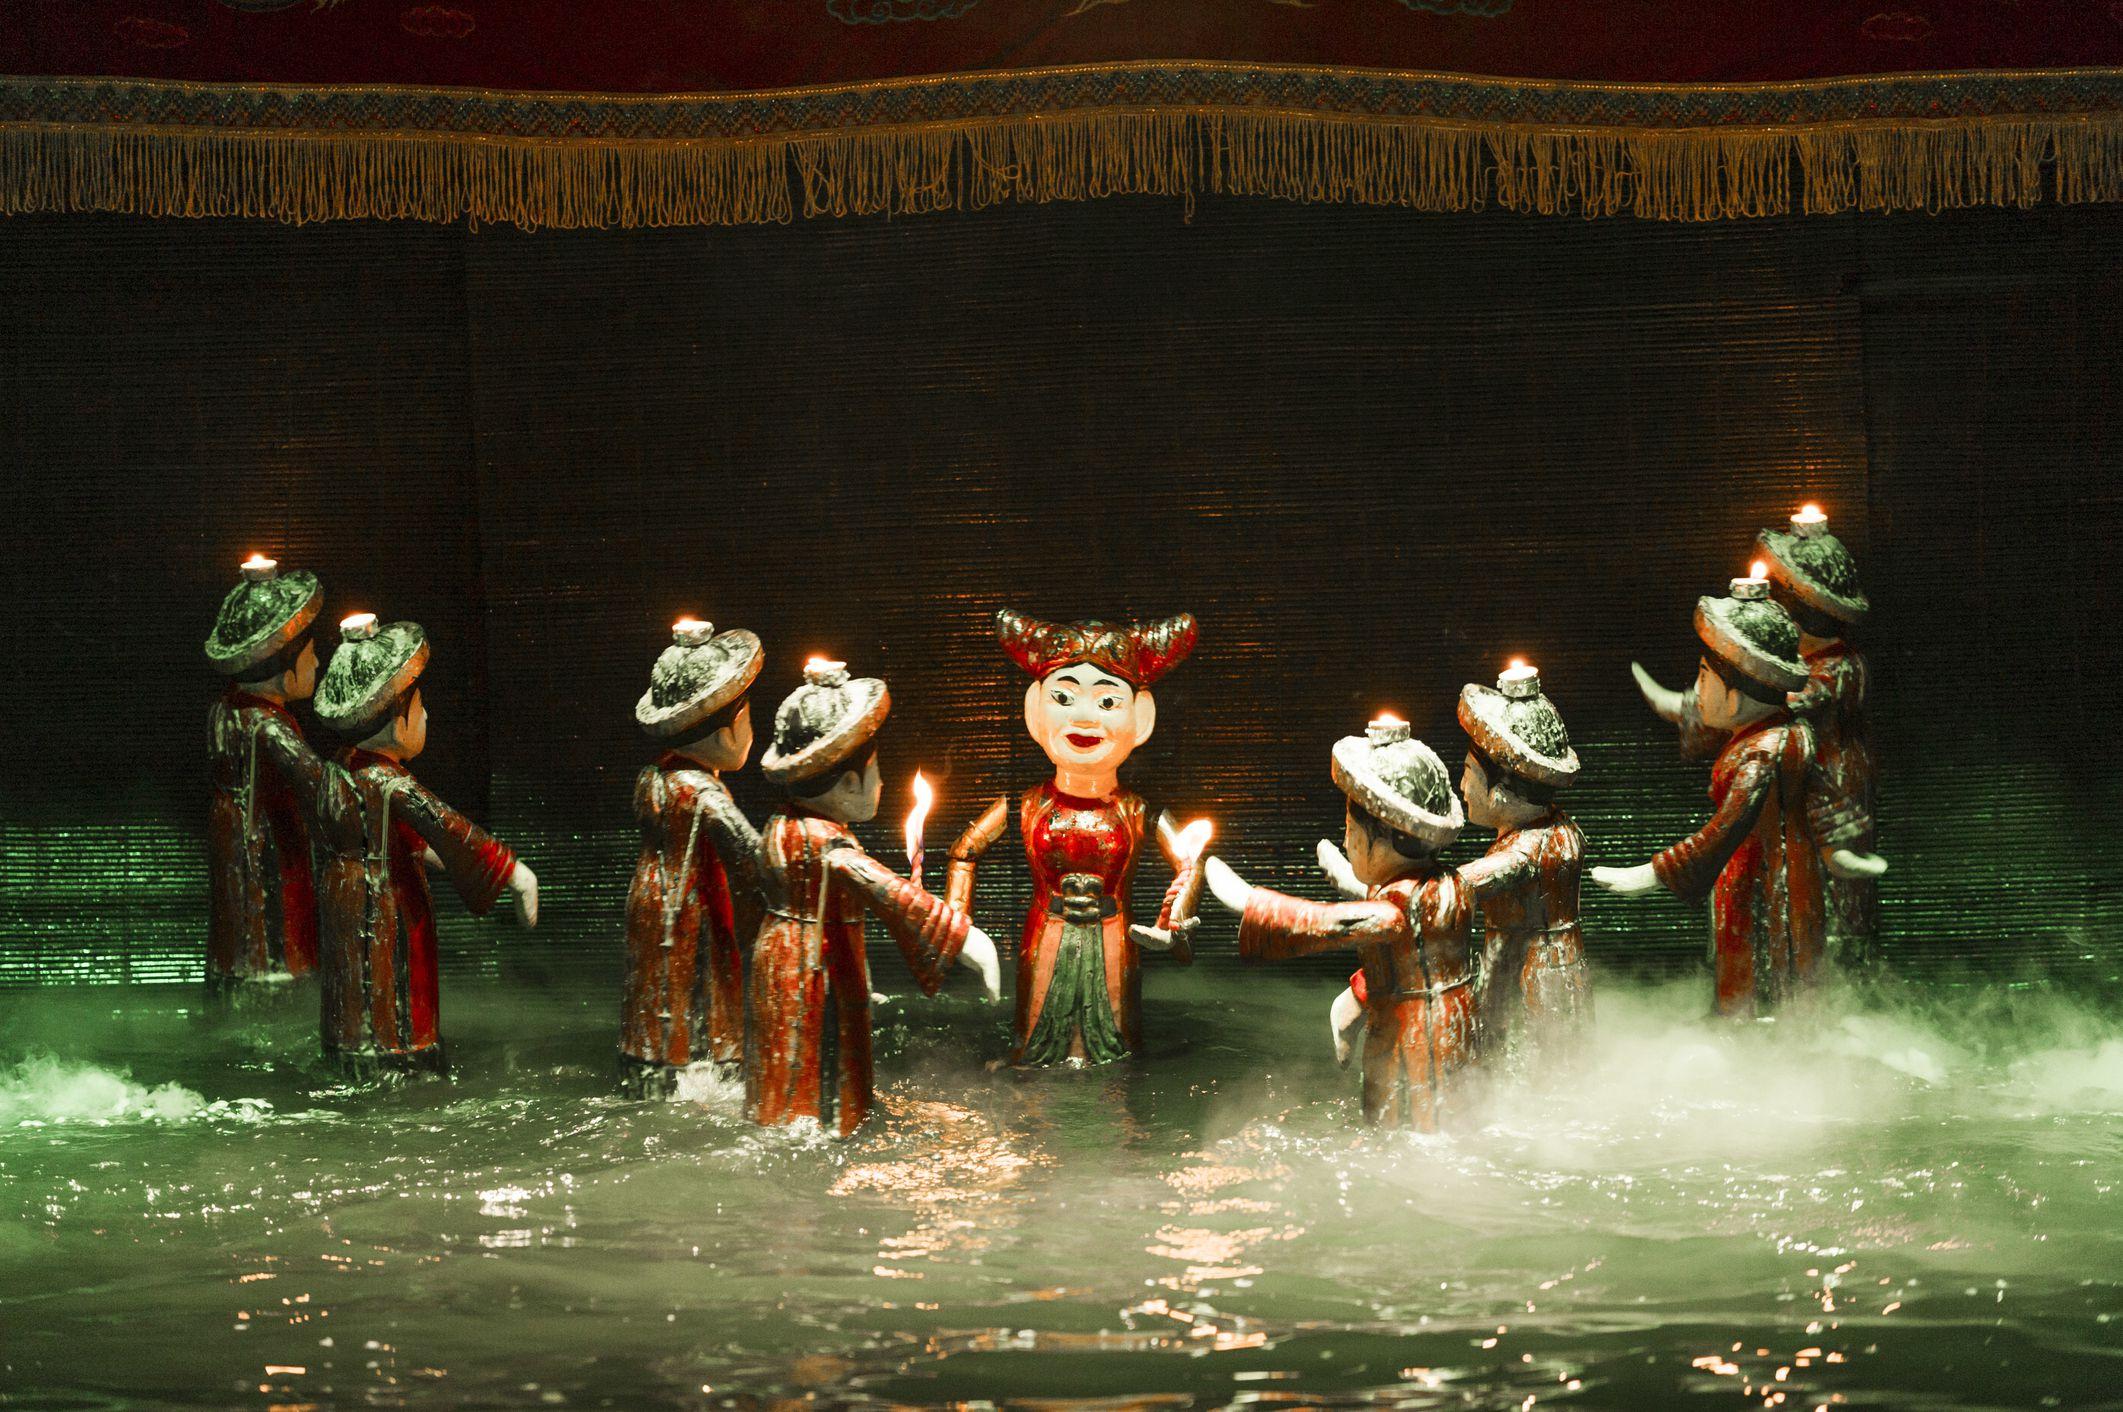 مسرح عرائس الماء هانوي